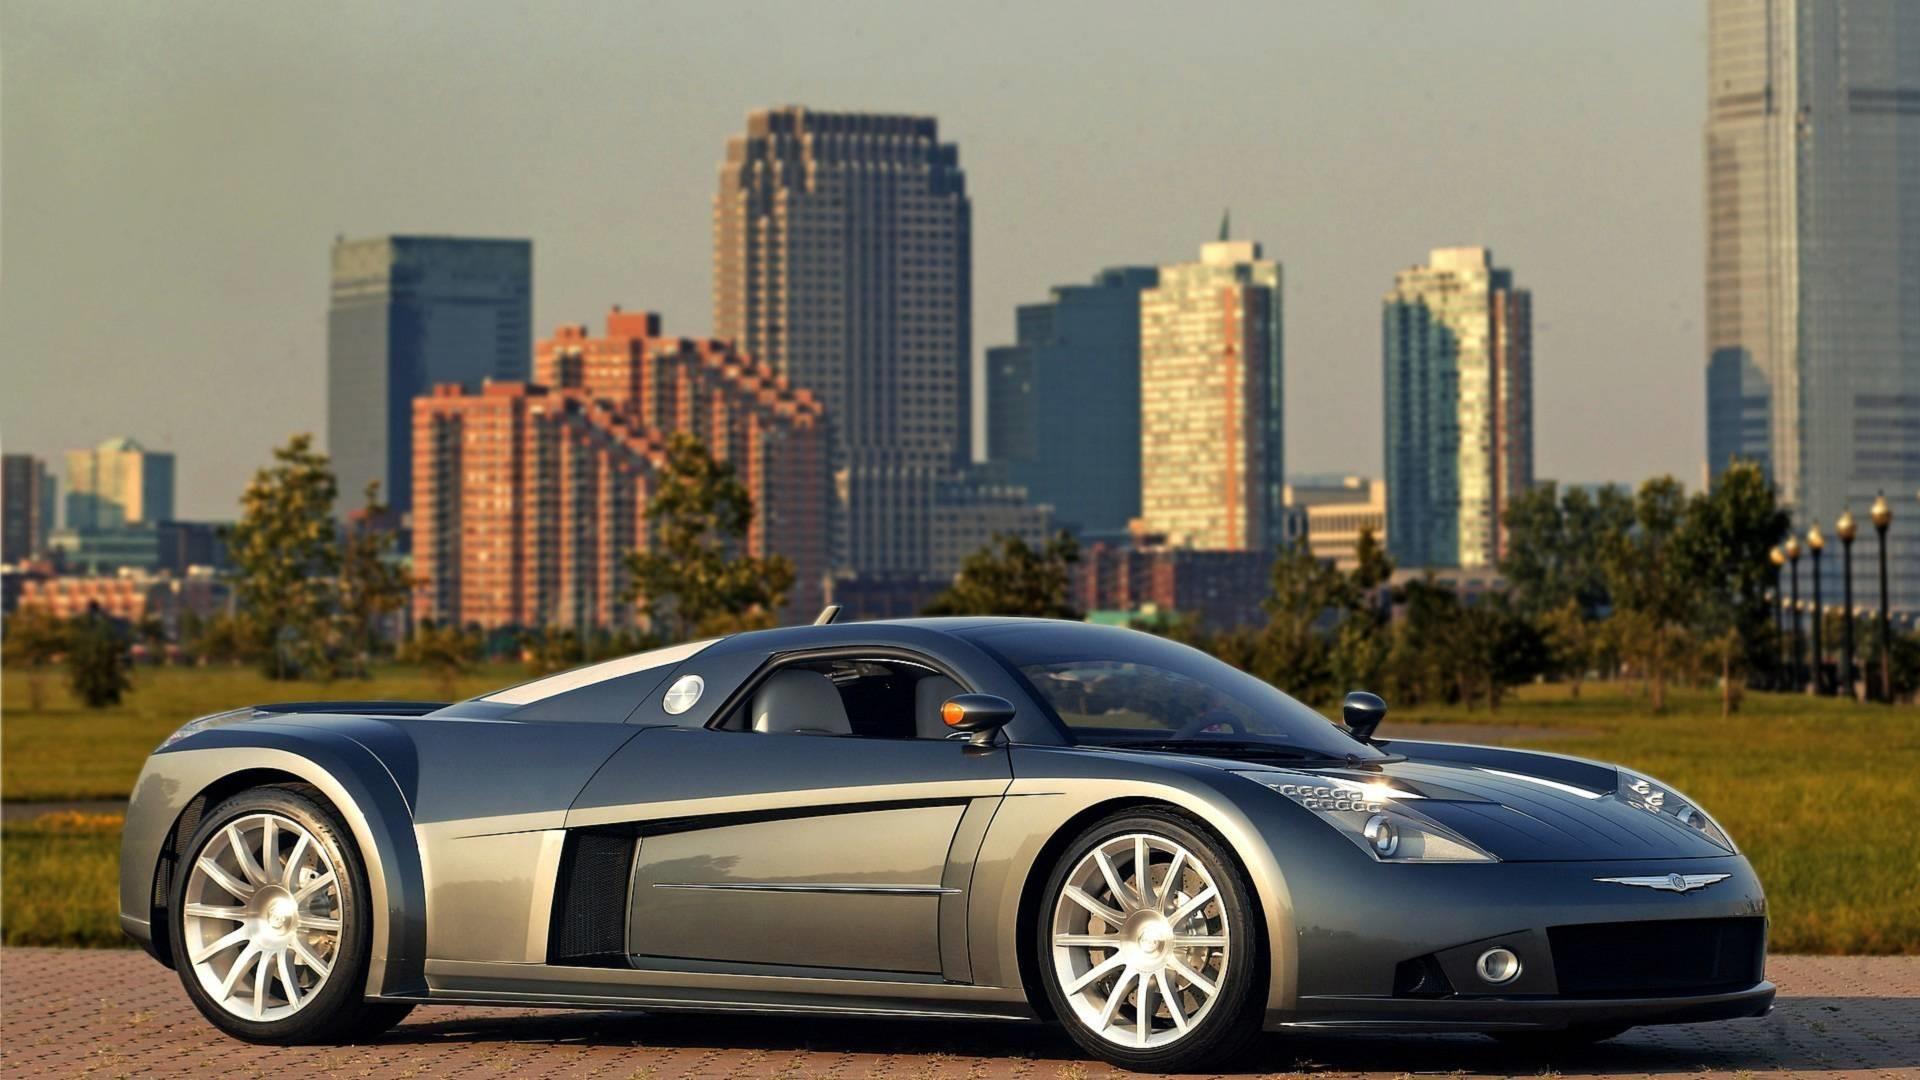 ME Four-Twelve là mẫu concept đáng chú ý nhất trong giai đoạn Chrysler hợp tác vớiDaimler-Benz.